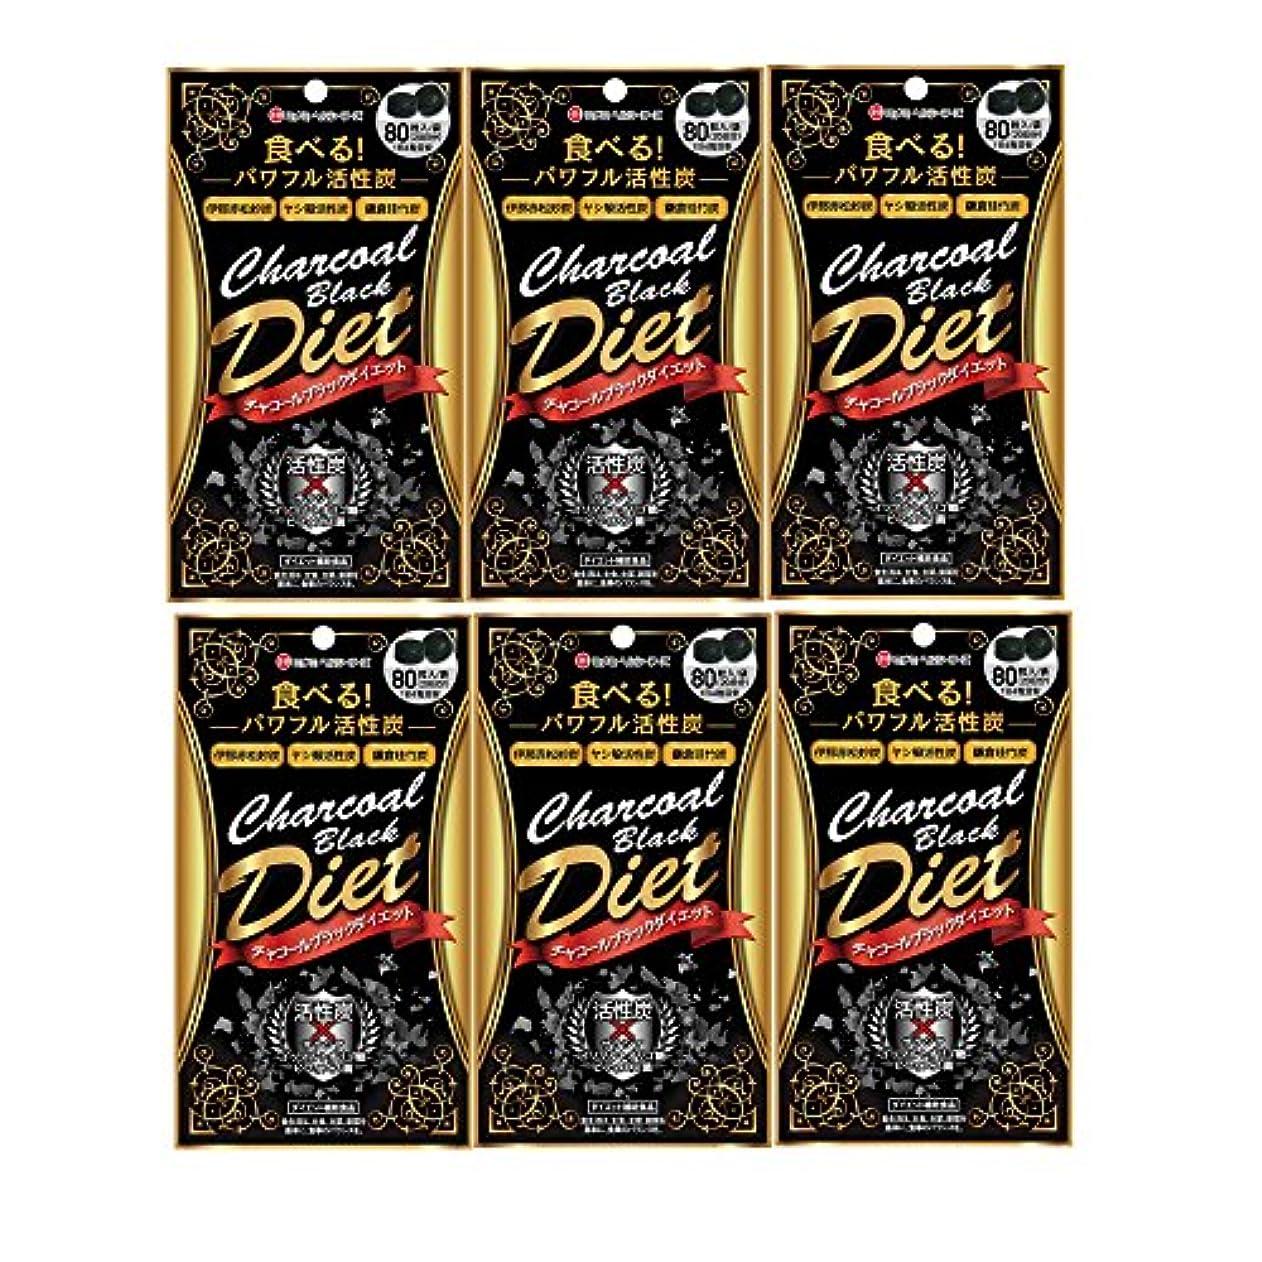 勧告お酒届ける【6個セット】ミナミヘルシーフーズ チャコールブラックダイエット 80粒入